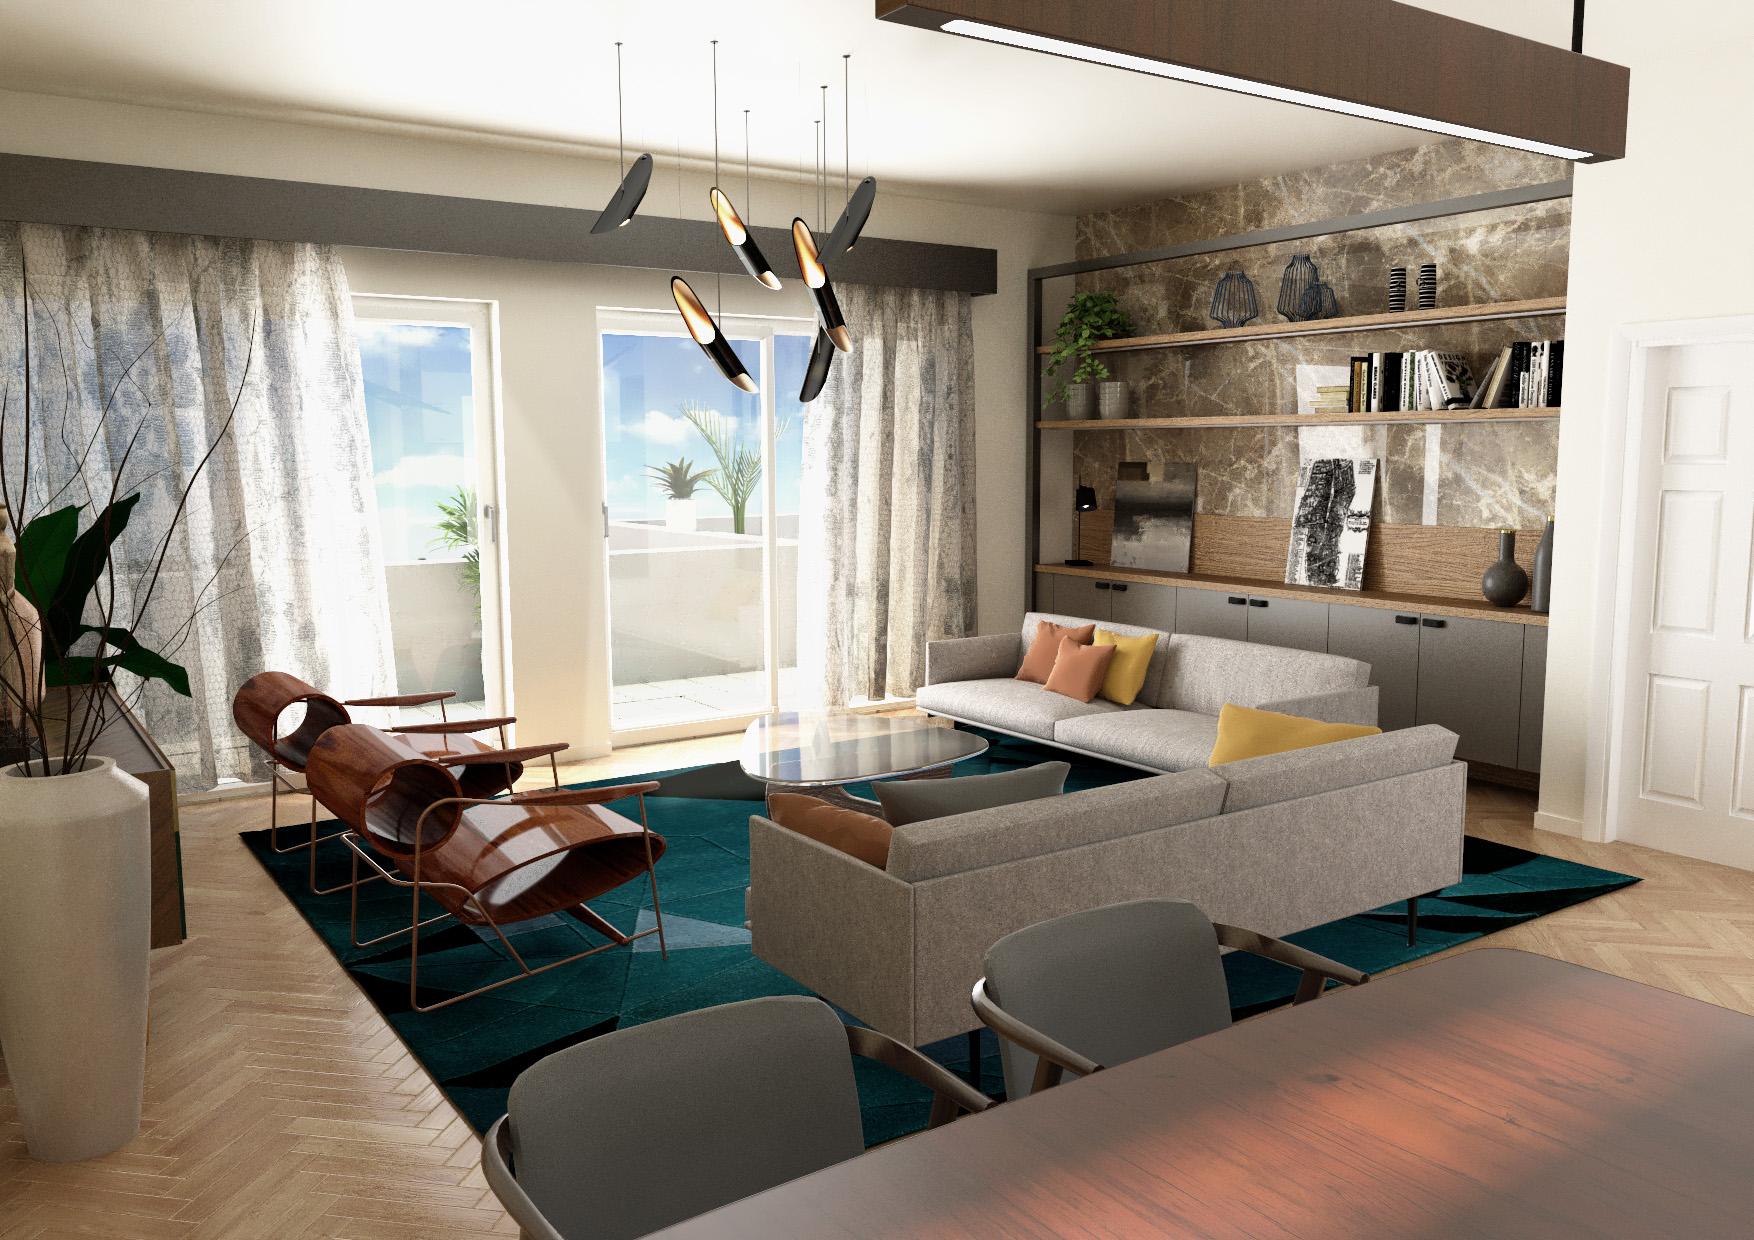 News 12 - Viaggio nell'interior design (3)